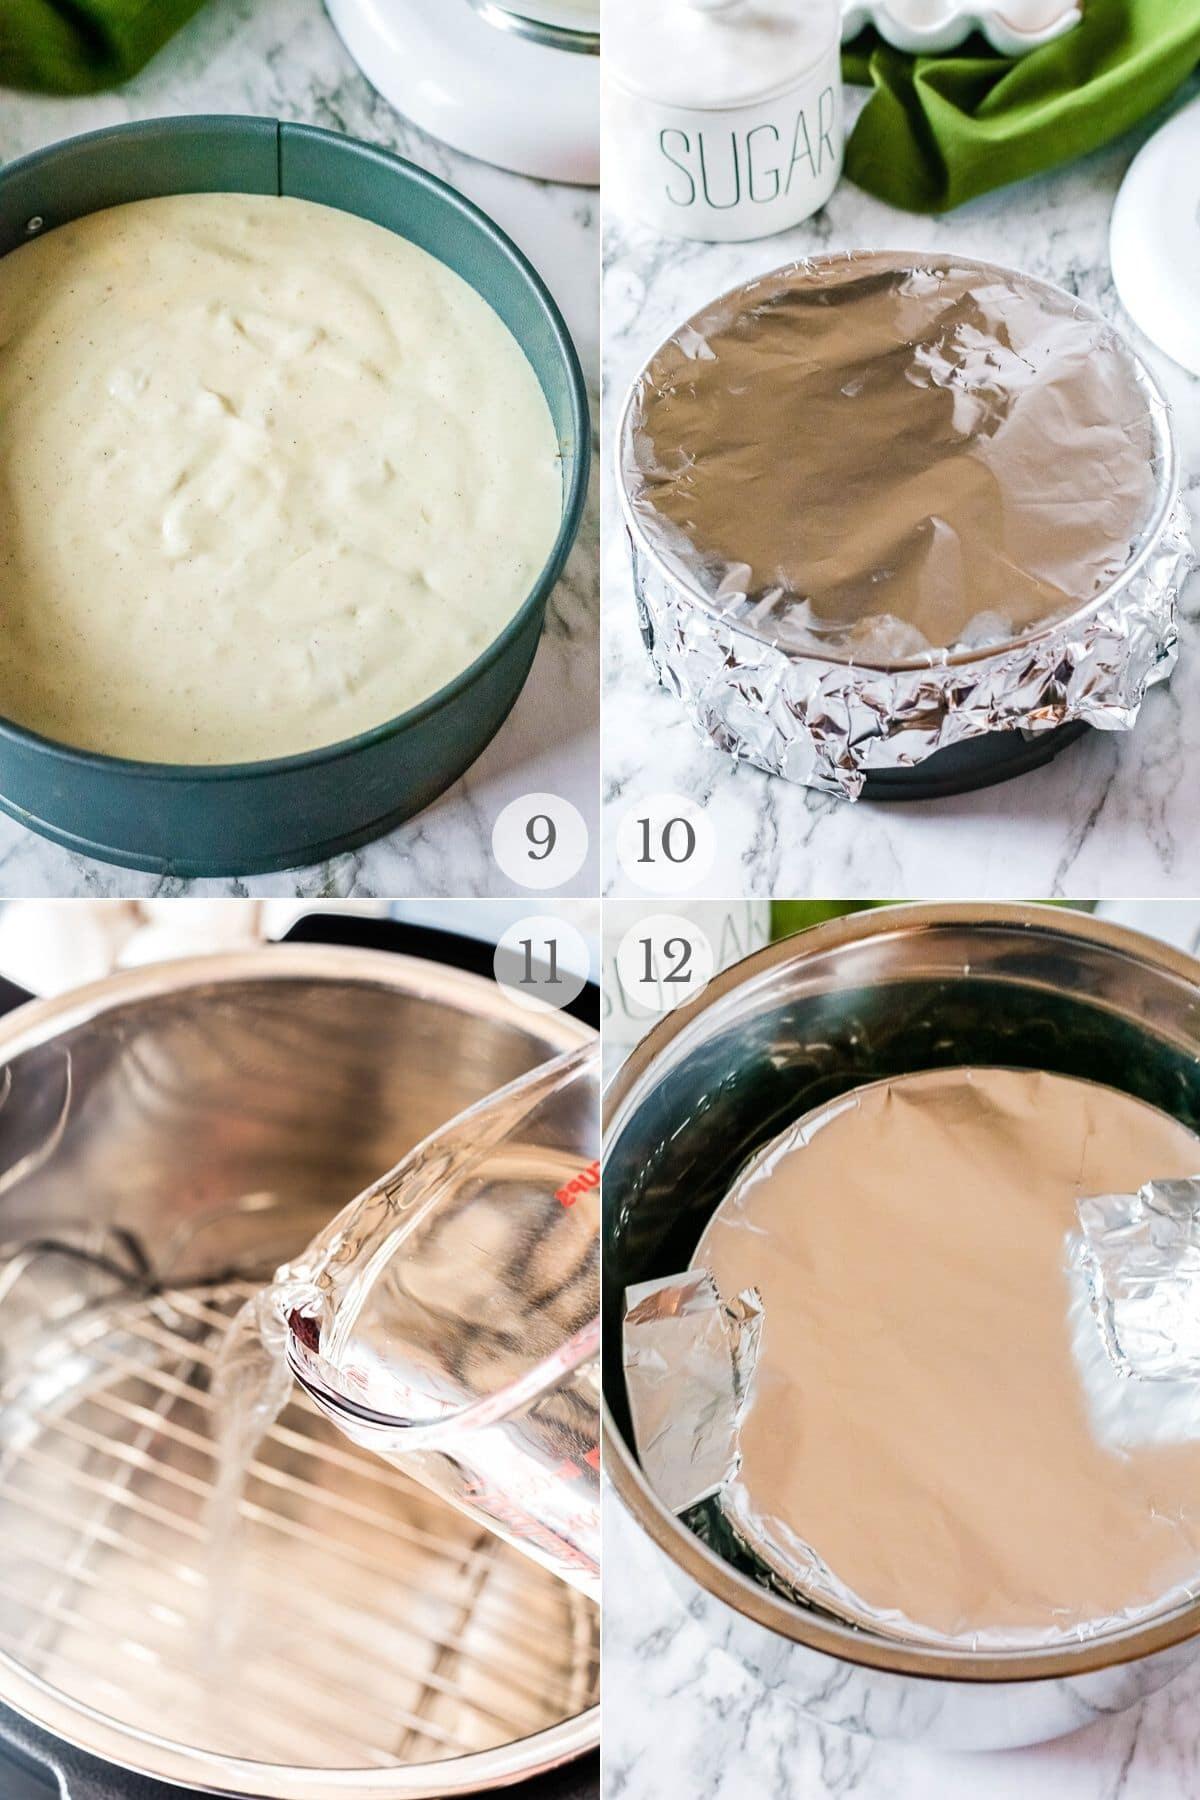 eggnog cheesecake recipes steps 9-12